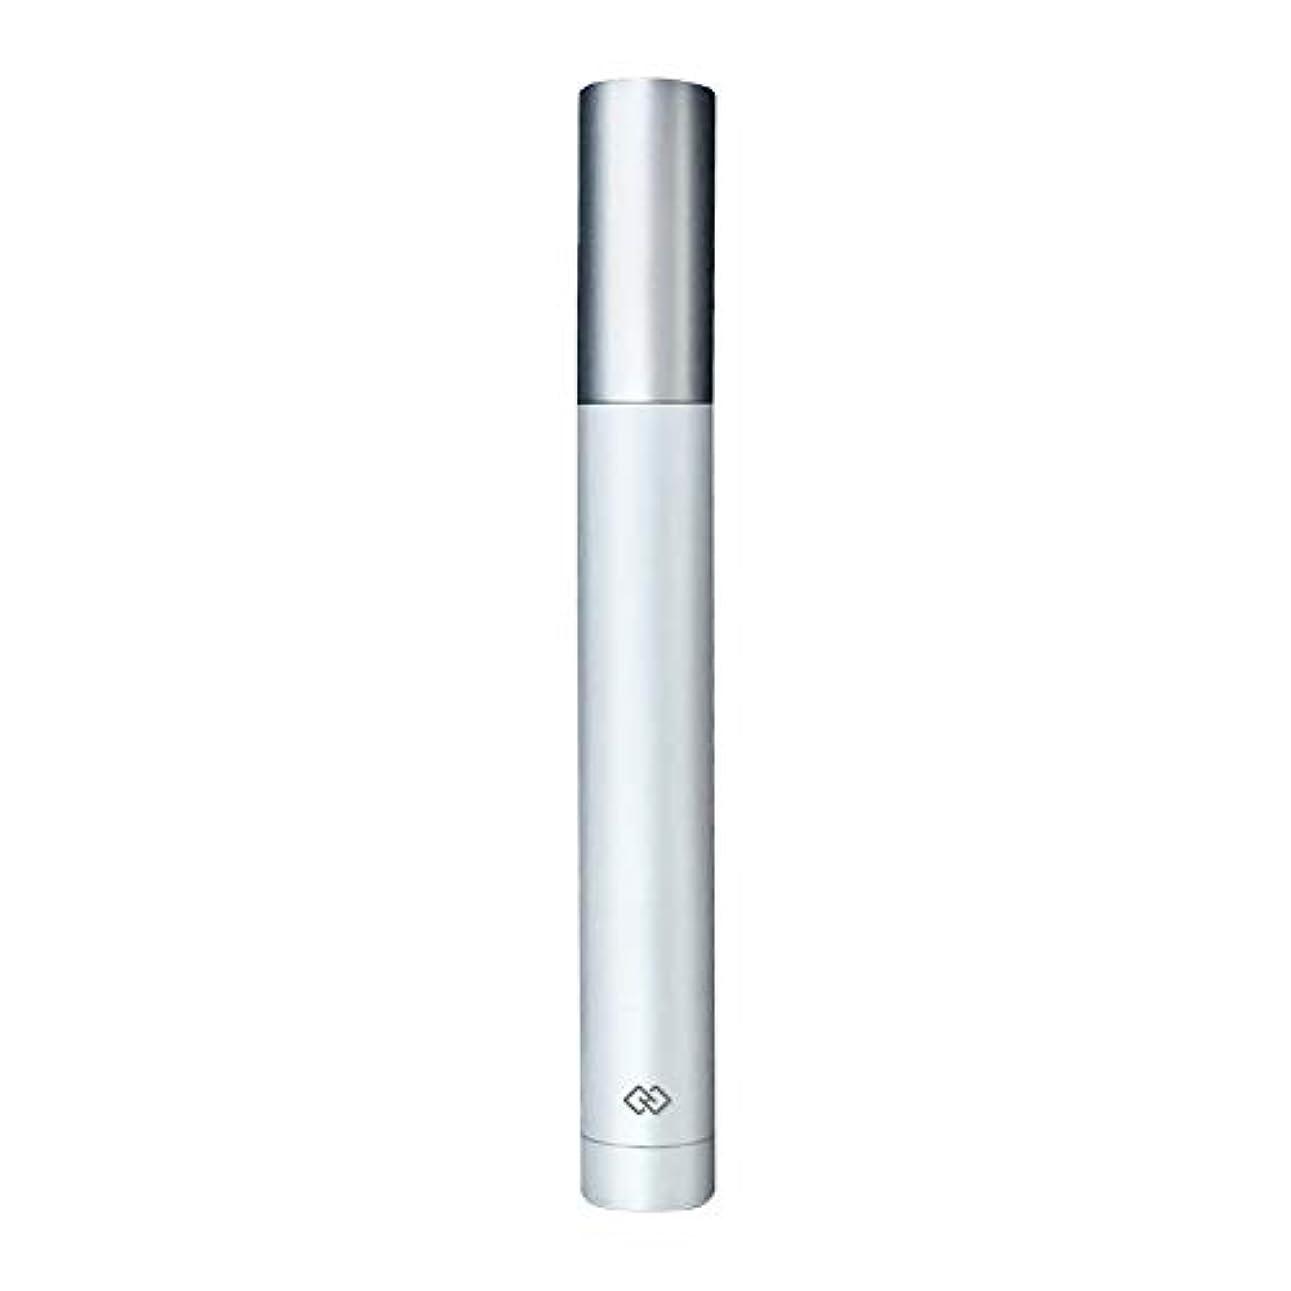 みなさん花硬さ鼻毛トリマー-密閉防水効果/シングルカッターヘッドシャープで耐久性のある/男性用剃毛鼻毛はさみ/ポータブルデザイン、旅行に便利/ 12.9 * 1.65cm 作り方がすぐれている (Color : White)